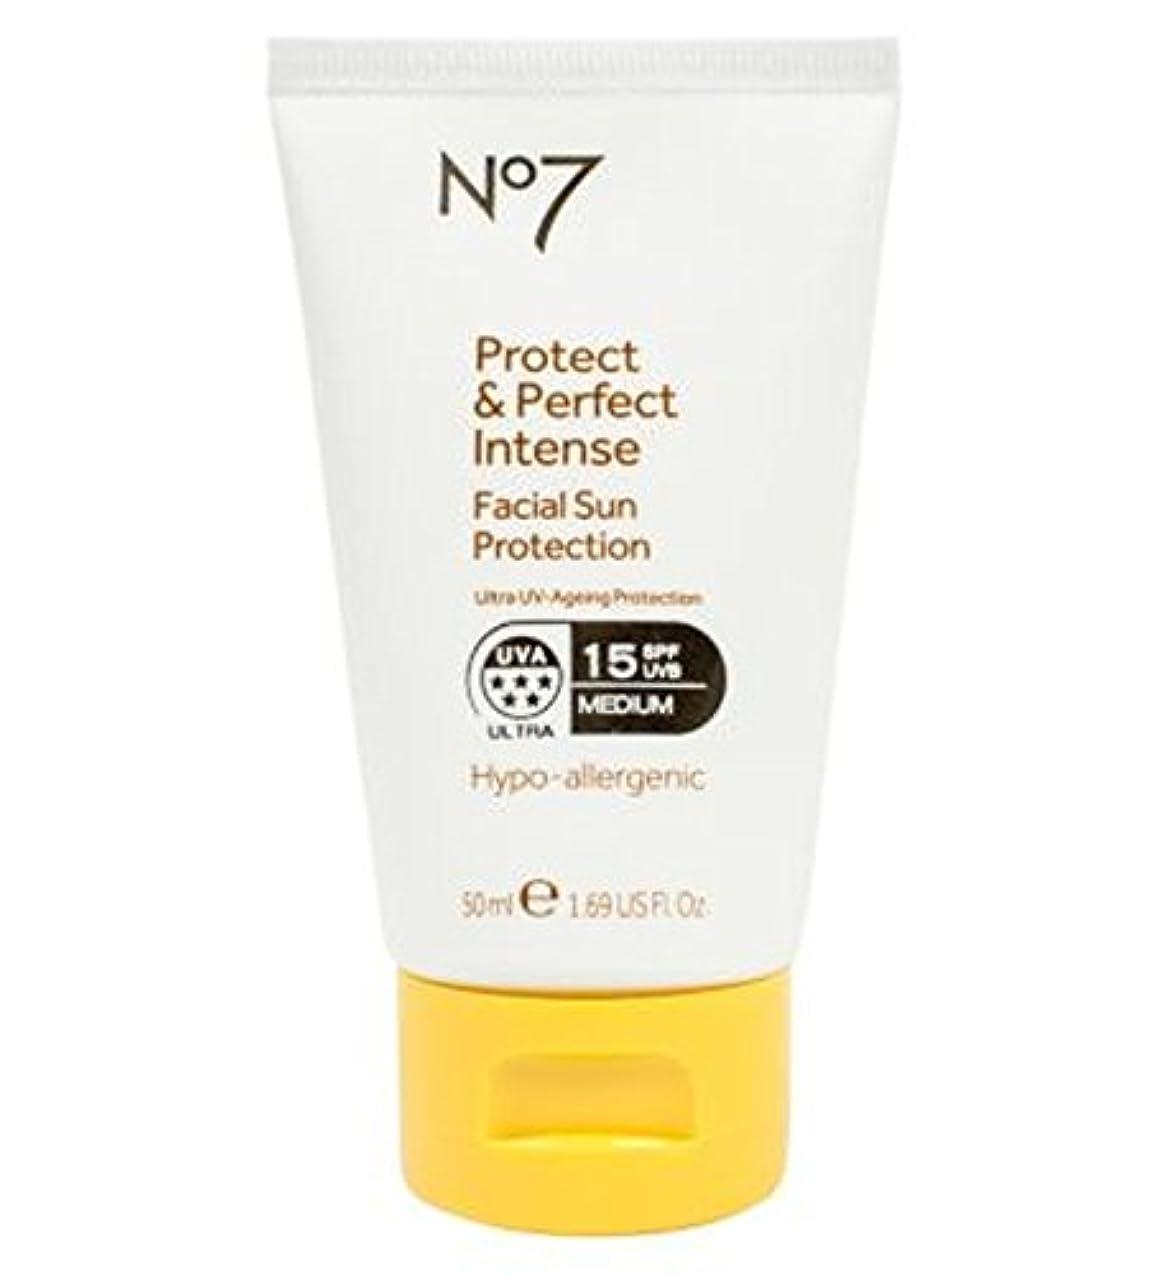 珍しい世代チームNo7保護&完璧な強烈な顔の日焼け防止Spf 15 50ミリリットル (No7) (x2) - No7 Protect & Perfect Intense Facial Sun Protection SPF 15 50ml (Pack of 2) [並行輸入品]